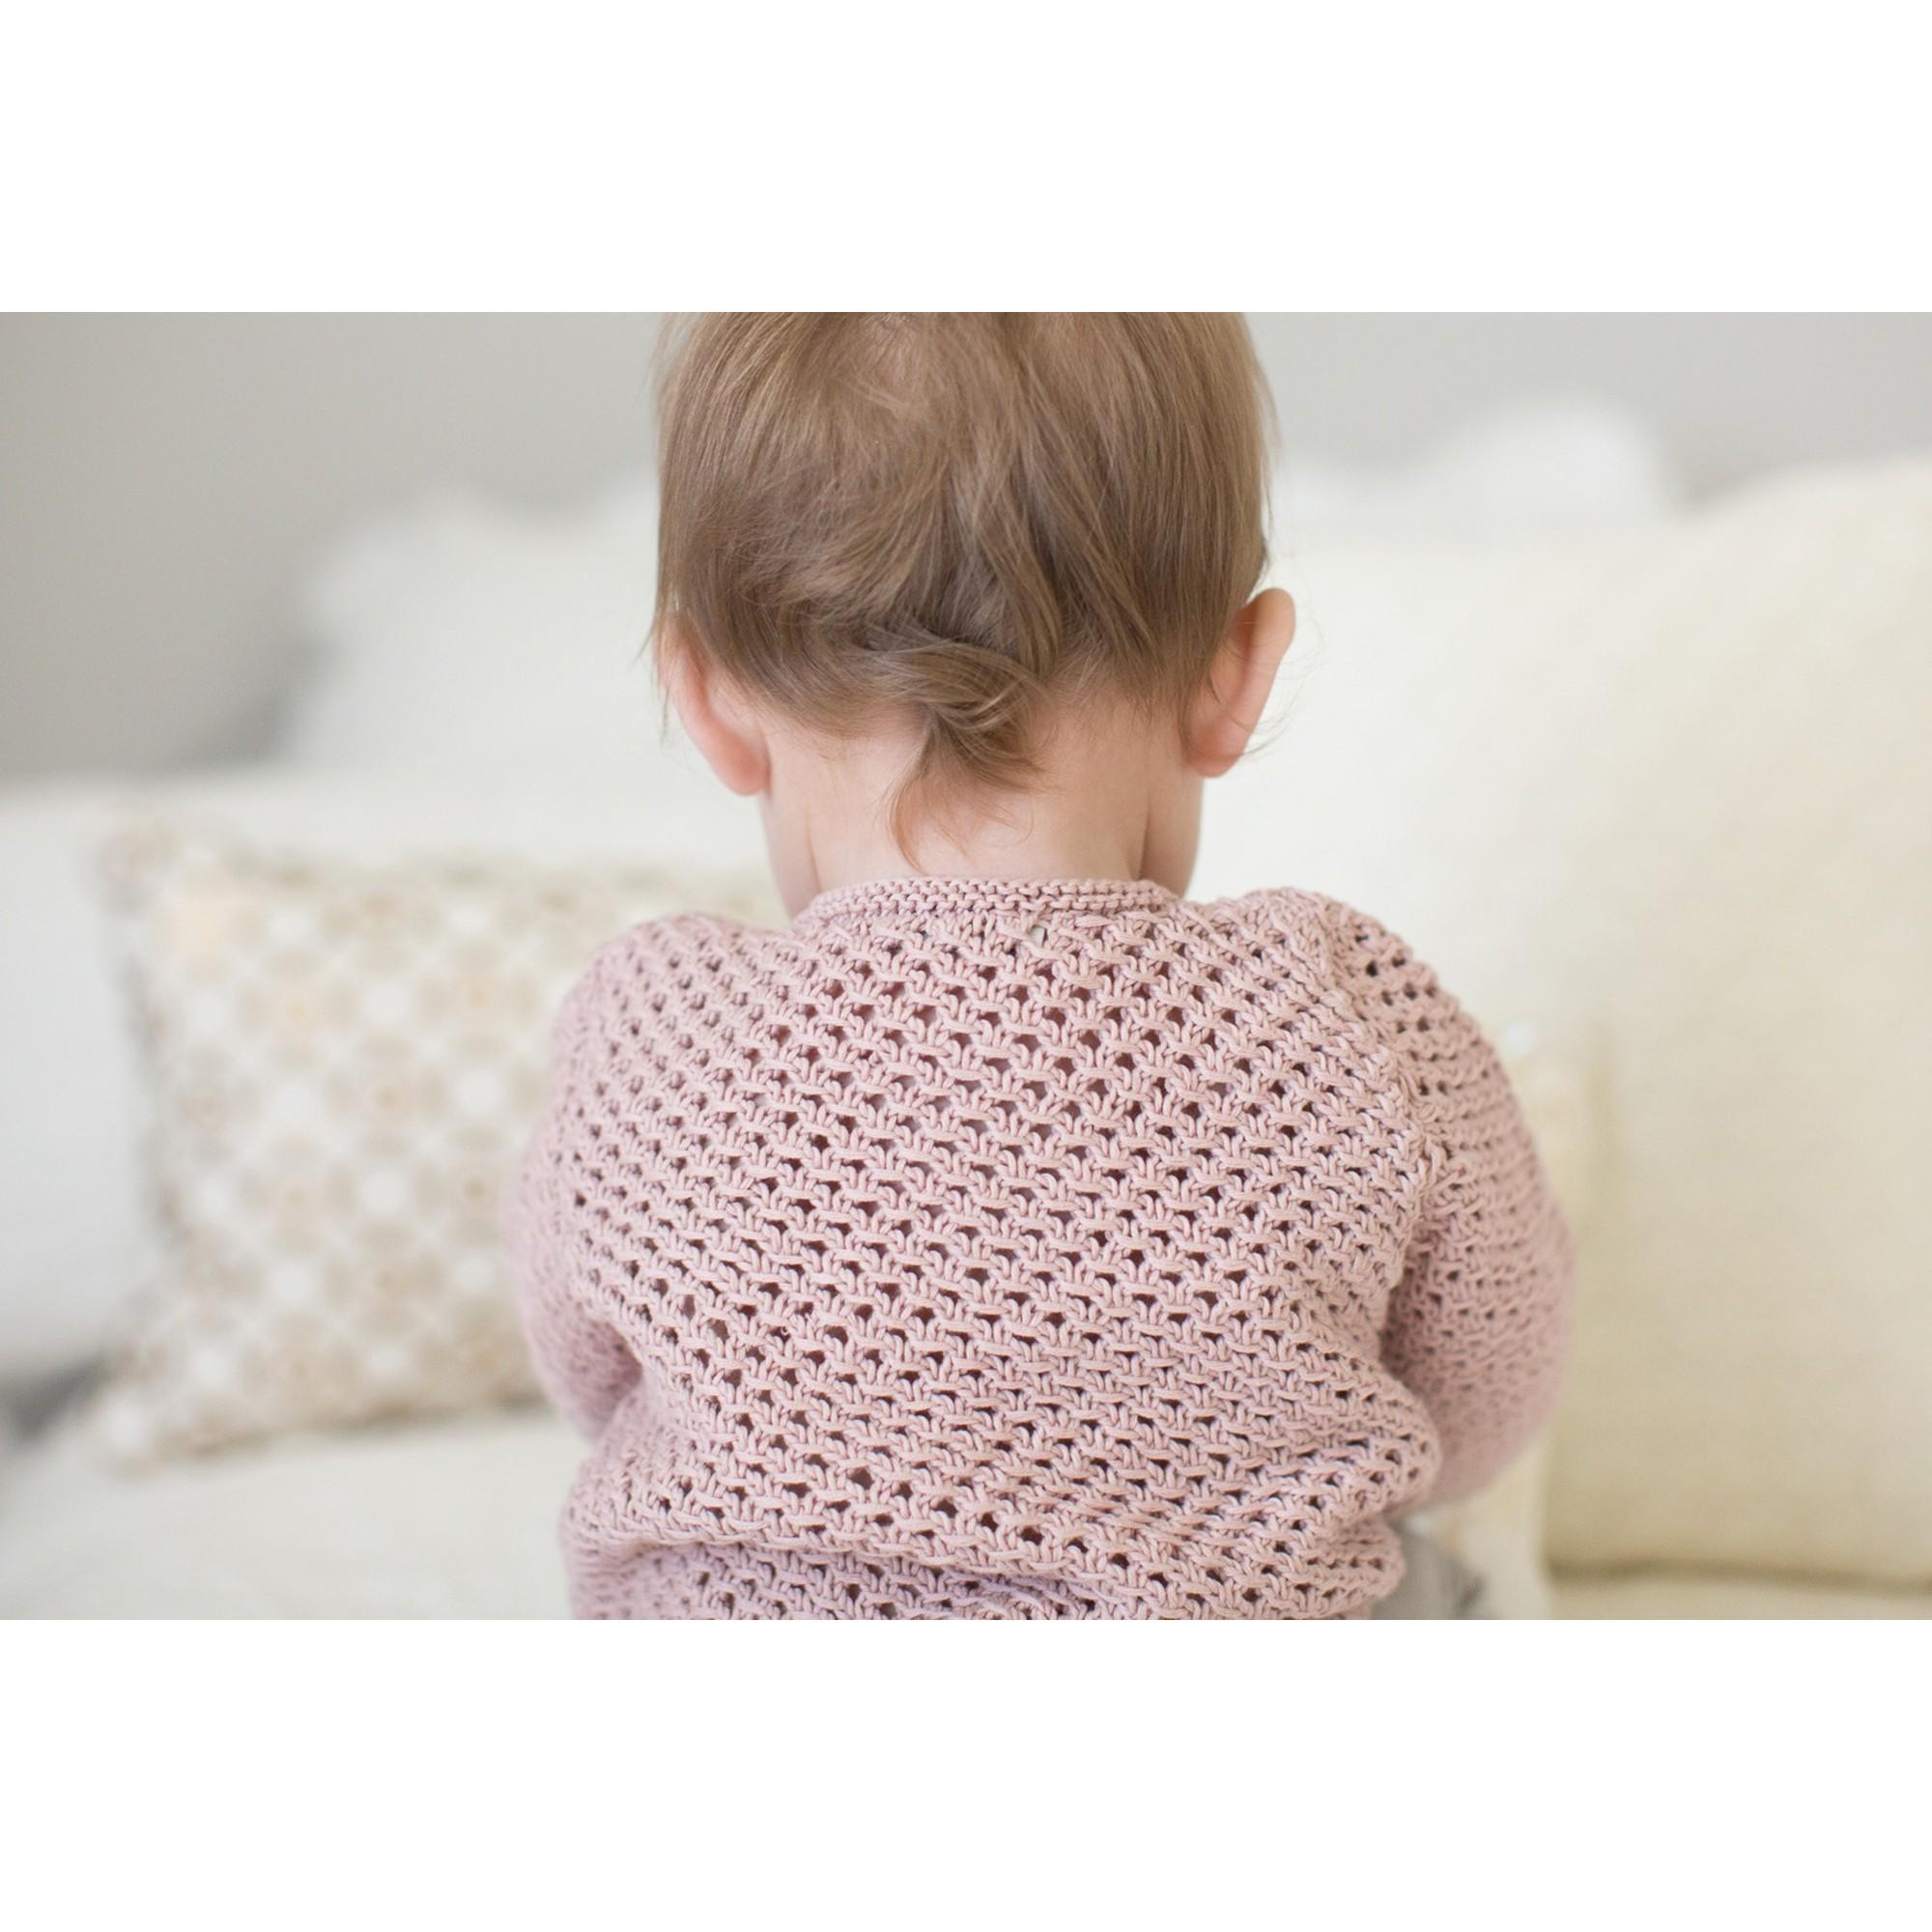 Gilet Joséphine pour enfant - coloris rose opaline - porté (vue de derrière)